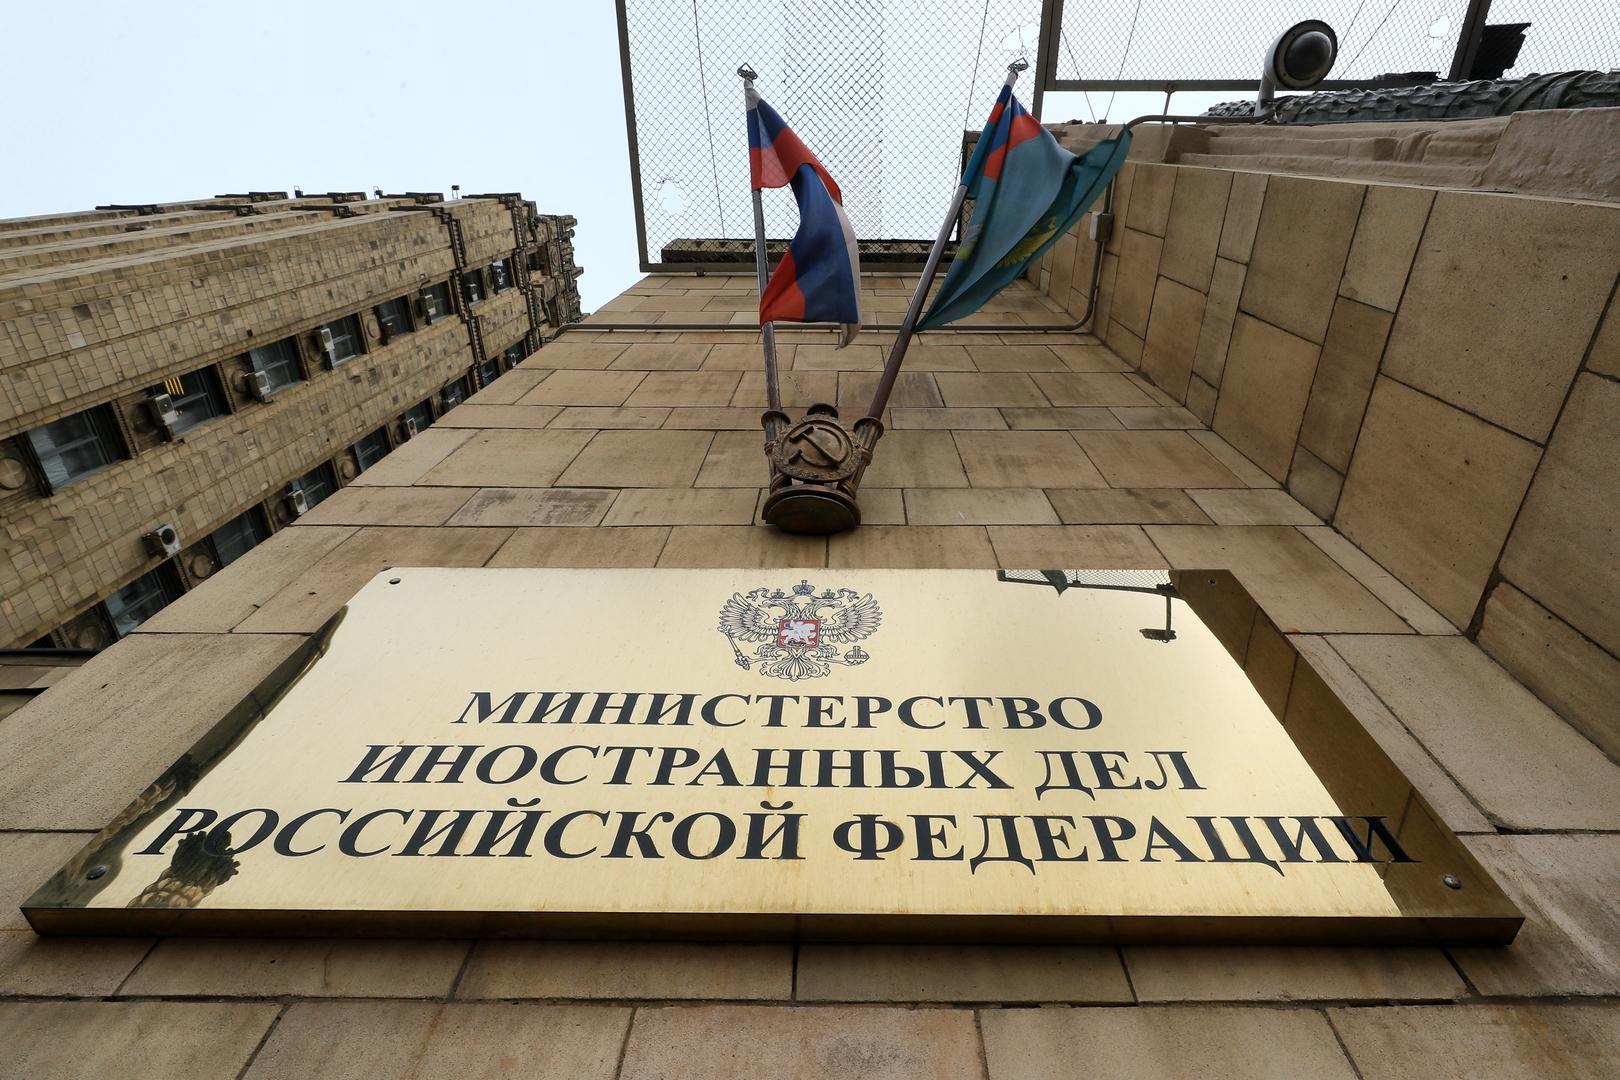 نائب وزير خارجية روسيا يبحث مع سفير إسرائيل تسوية النزاعات في الشرق الأوسط